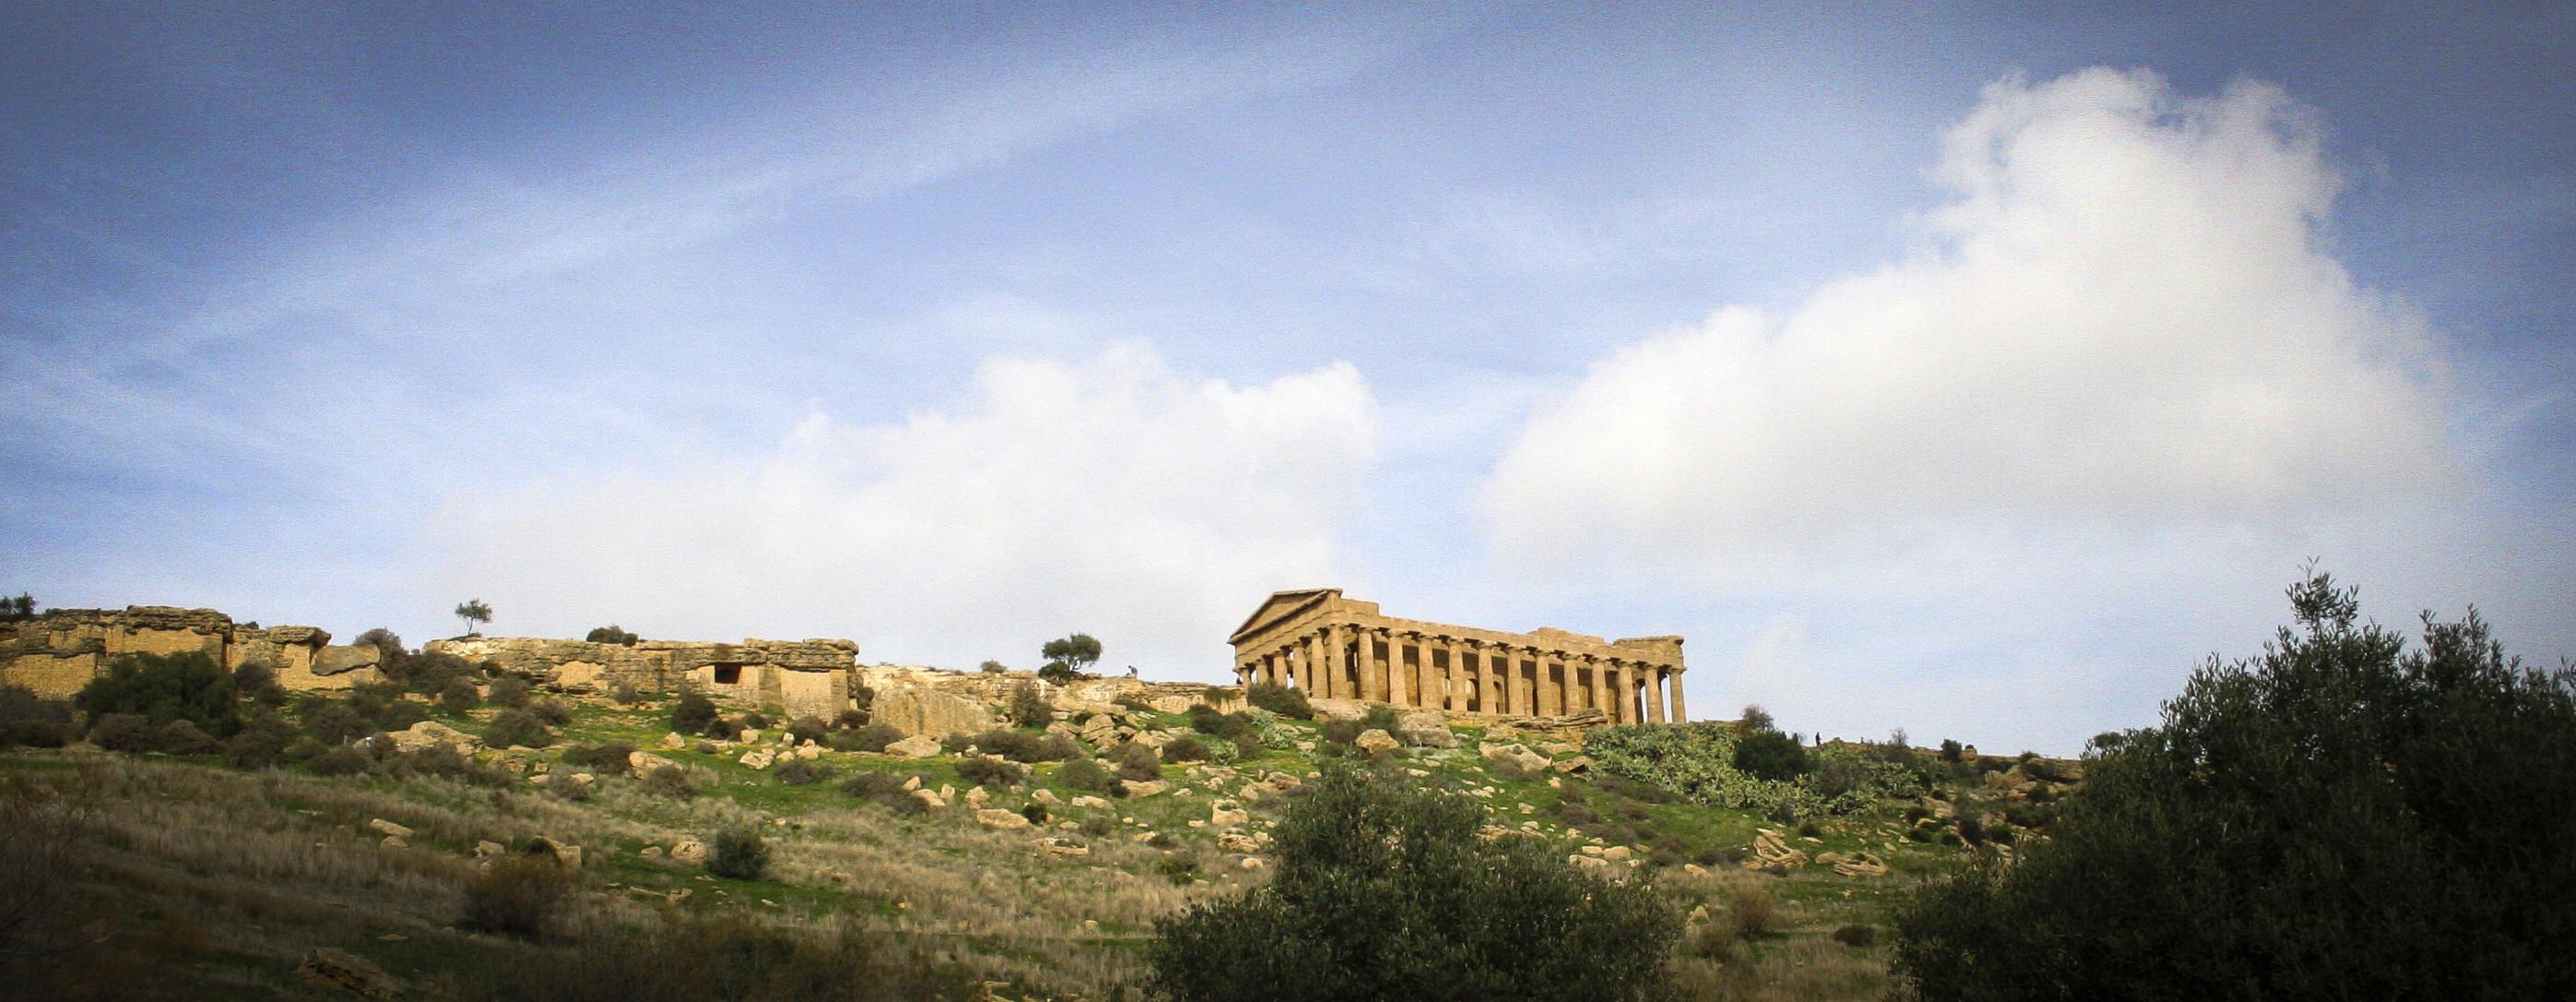 002_sicilia